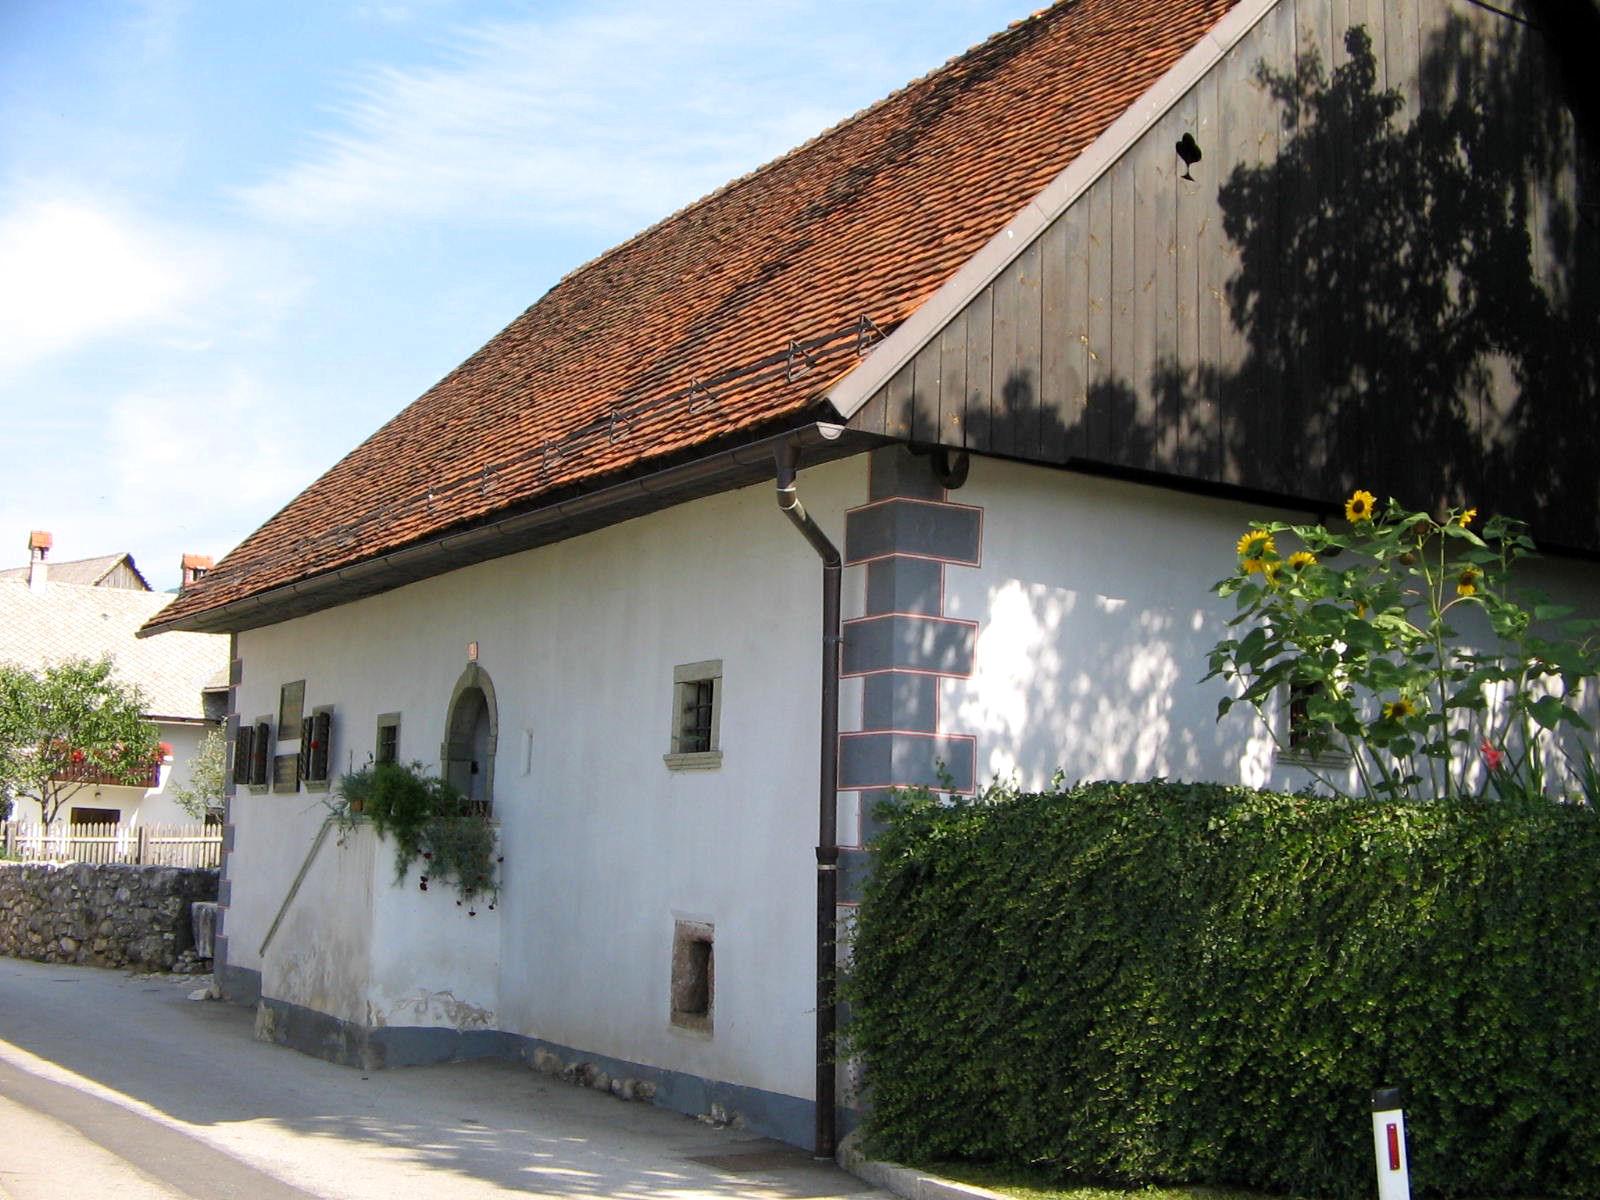 Dr. France Preseren's Birth House in Vrba